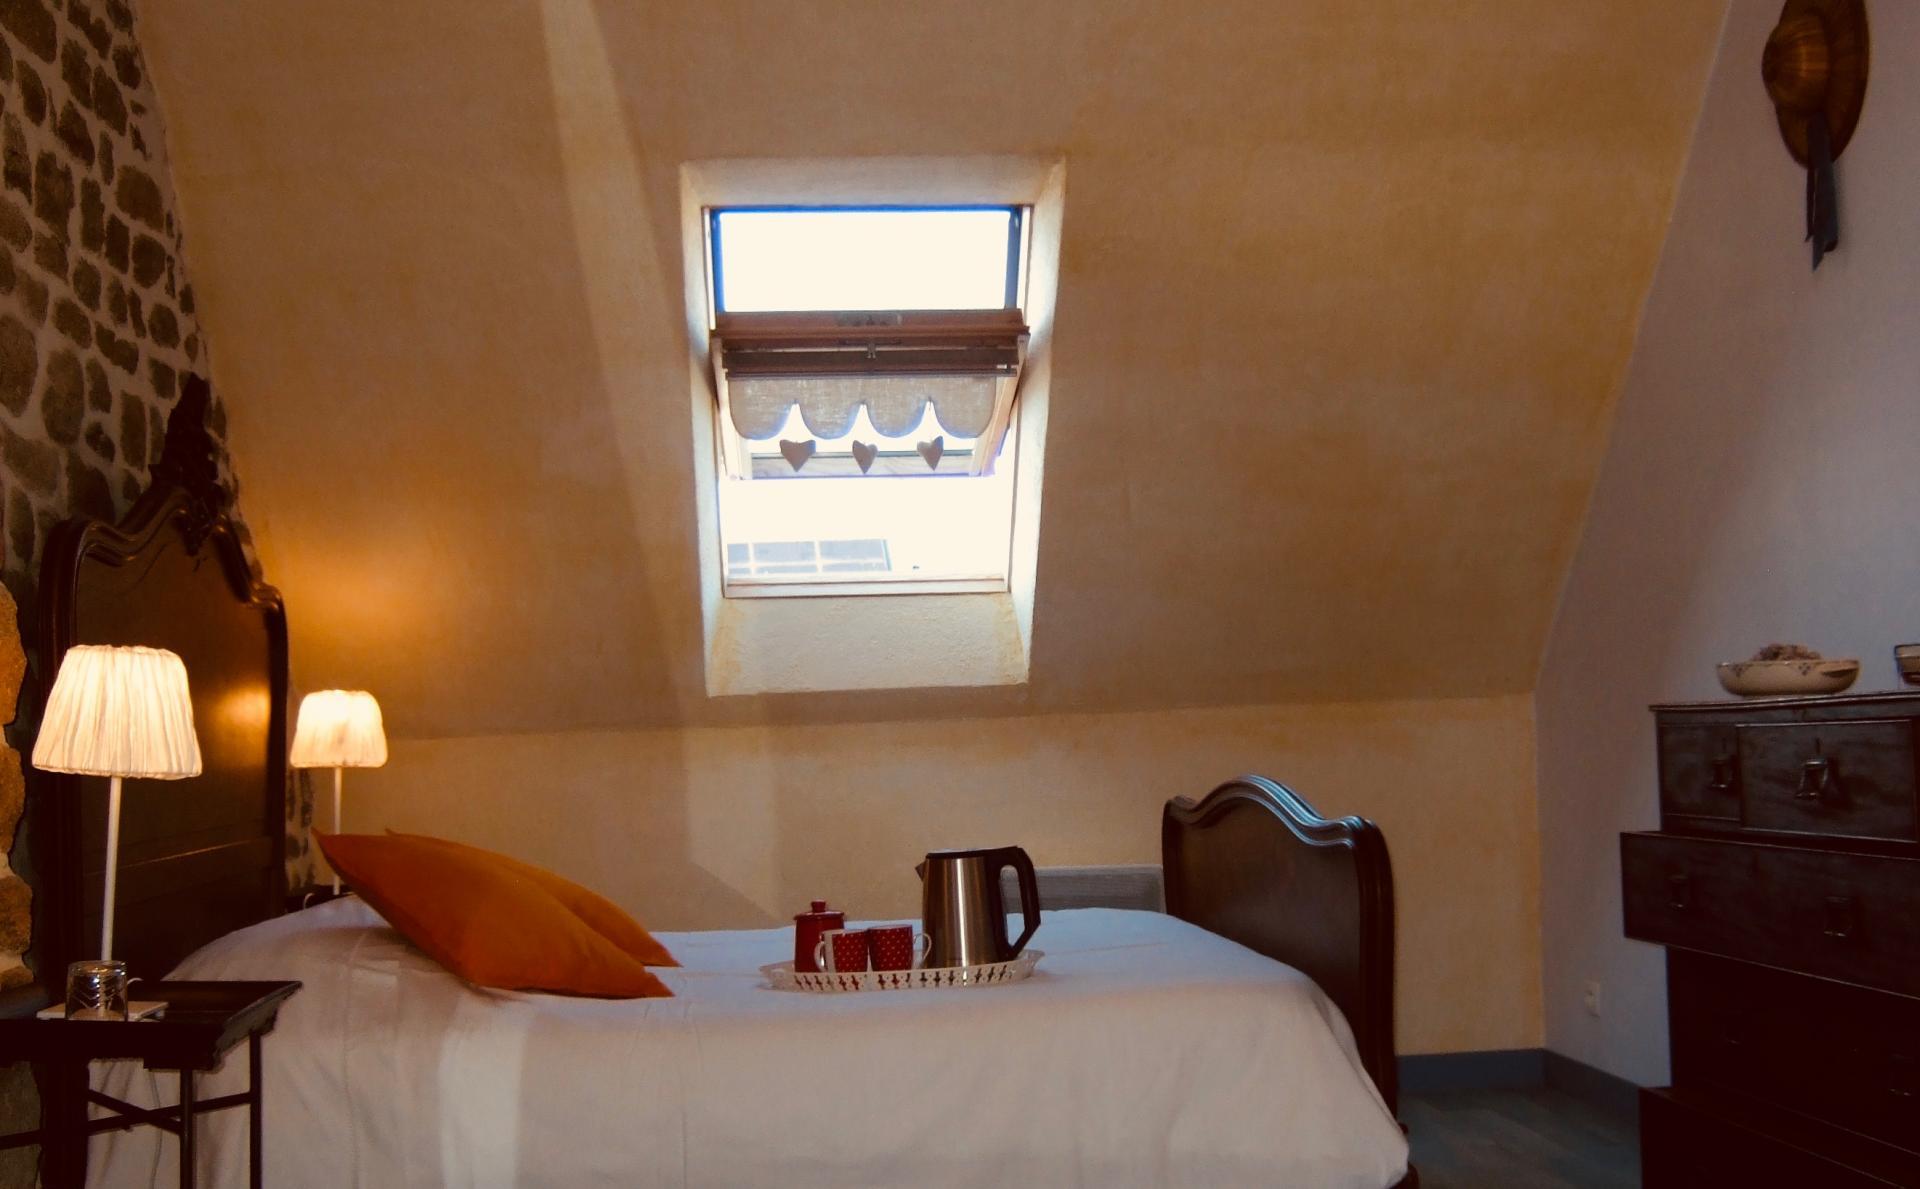 fenetre chambre gite hortensias baie mont saint michel